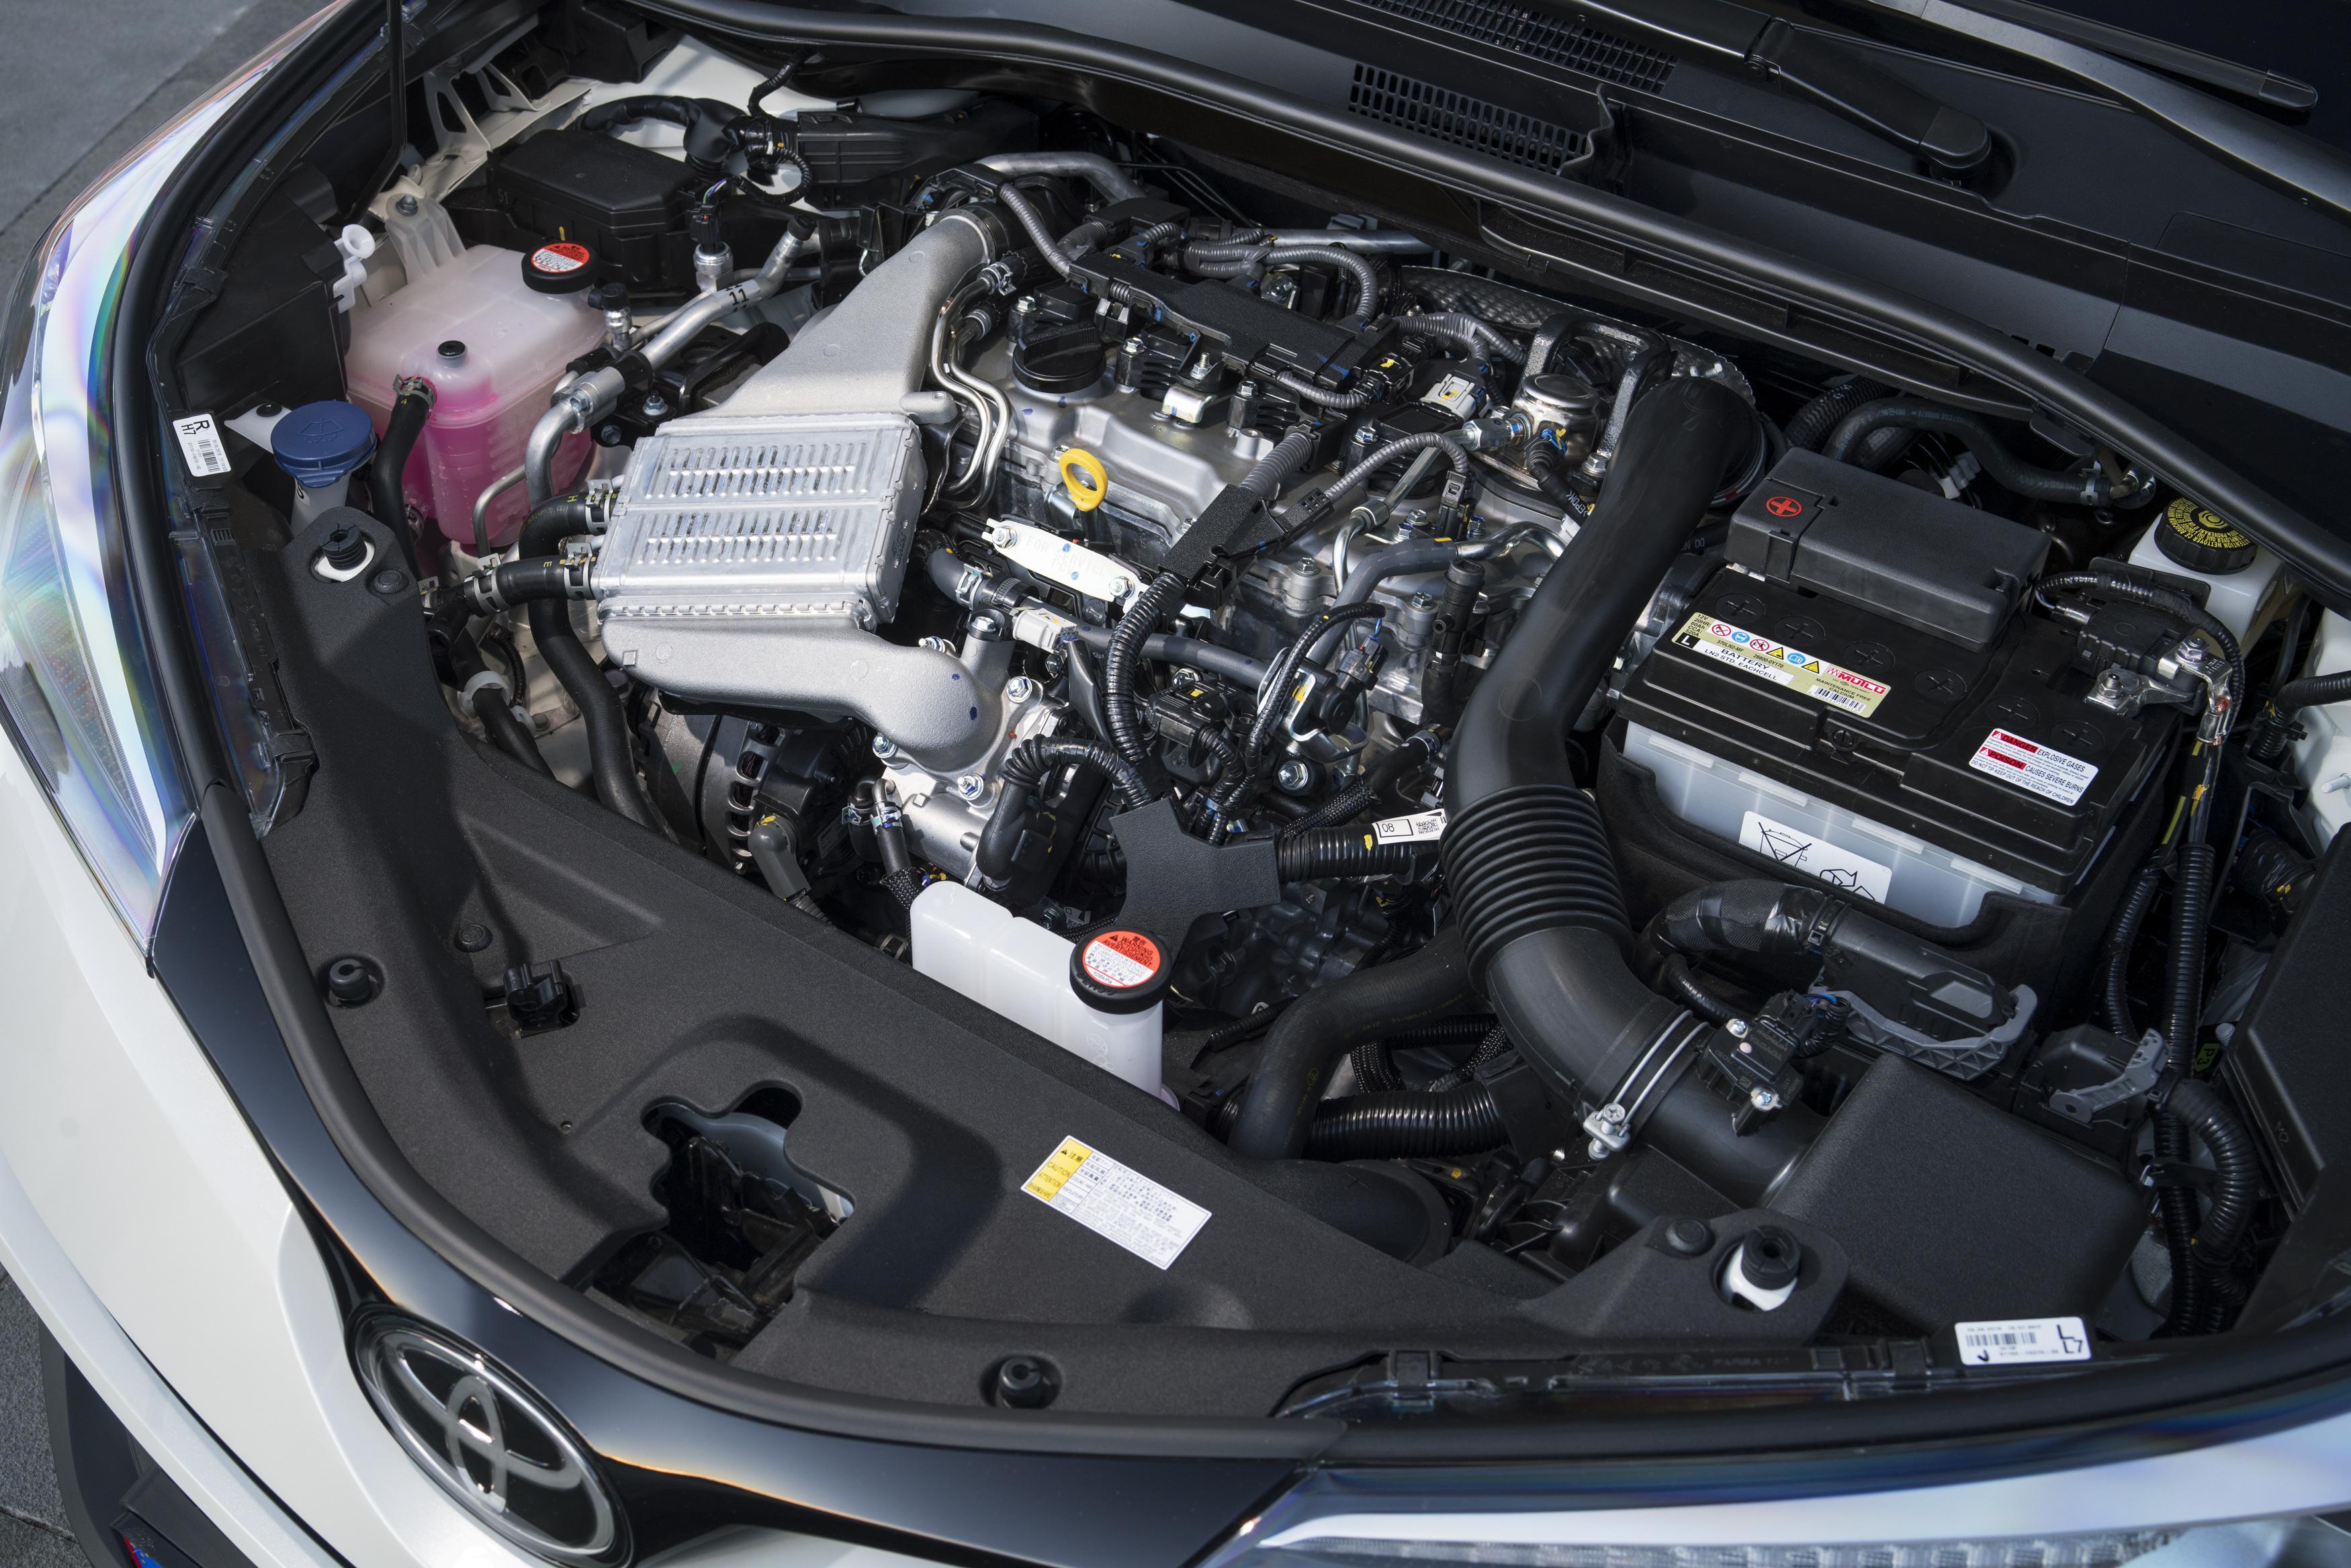 Motor 1.5 turbo tem 116 cv e 18,8 mkgf de torque